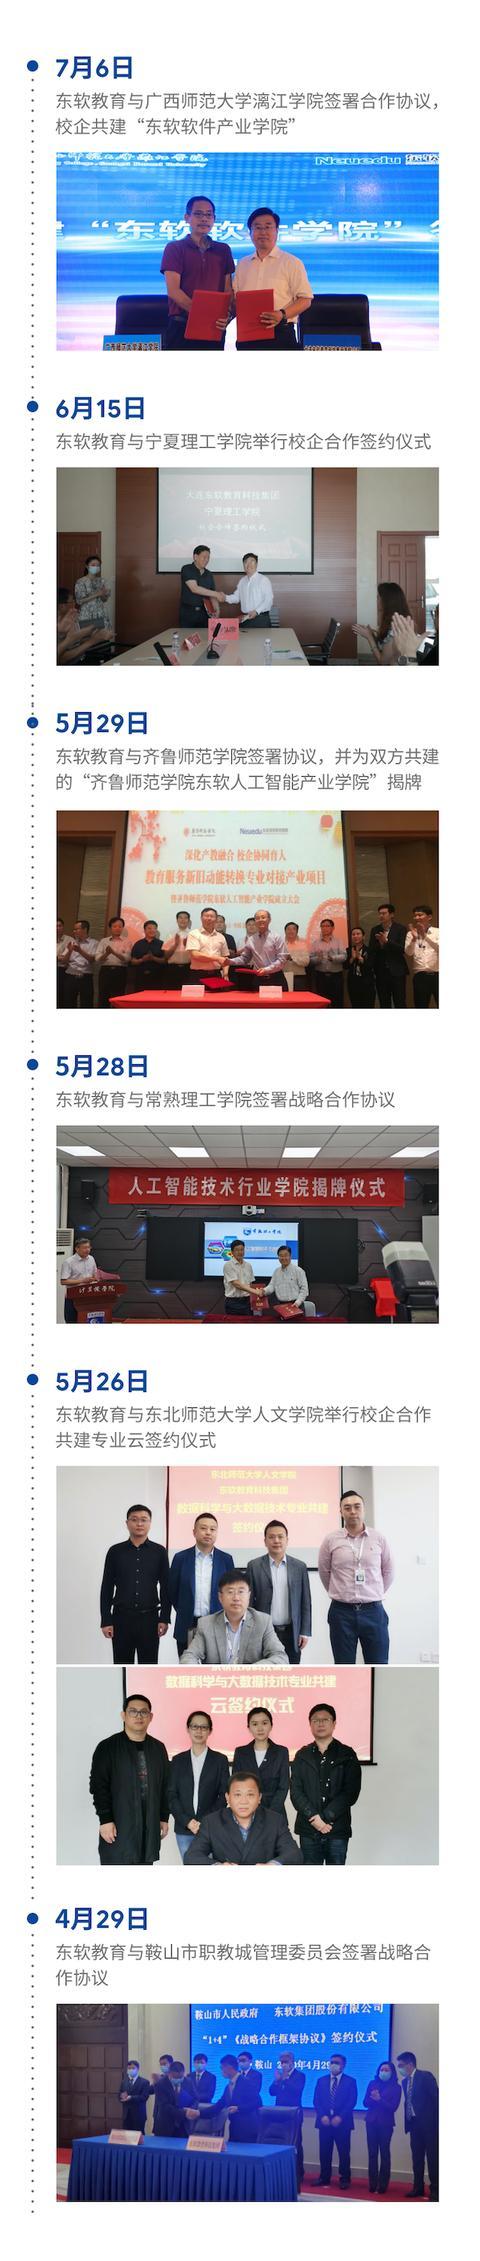 东软教育作为中国领先IT增值教育服务提供商的新开局